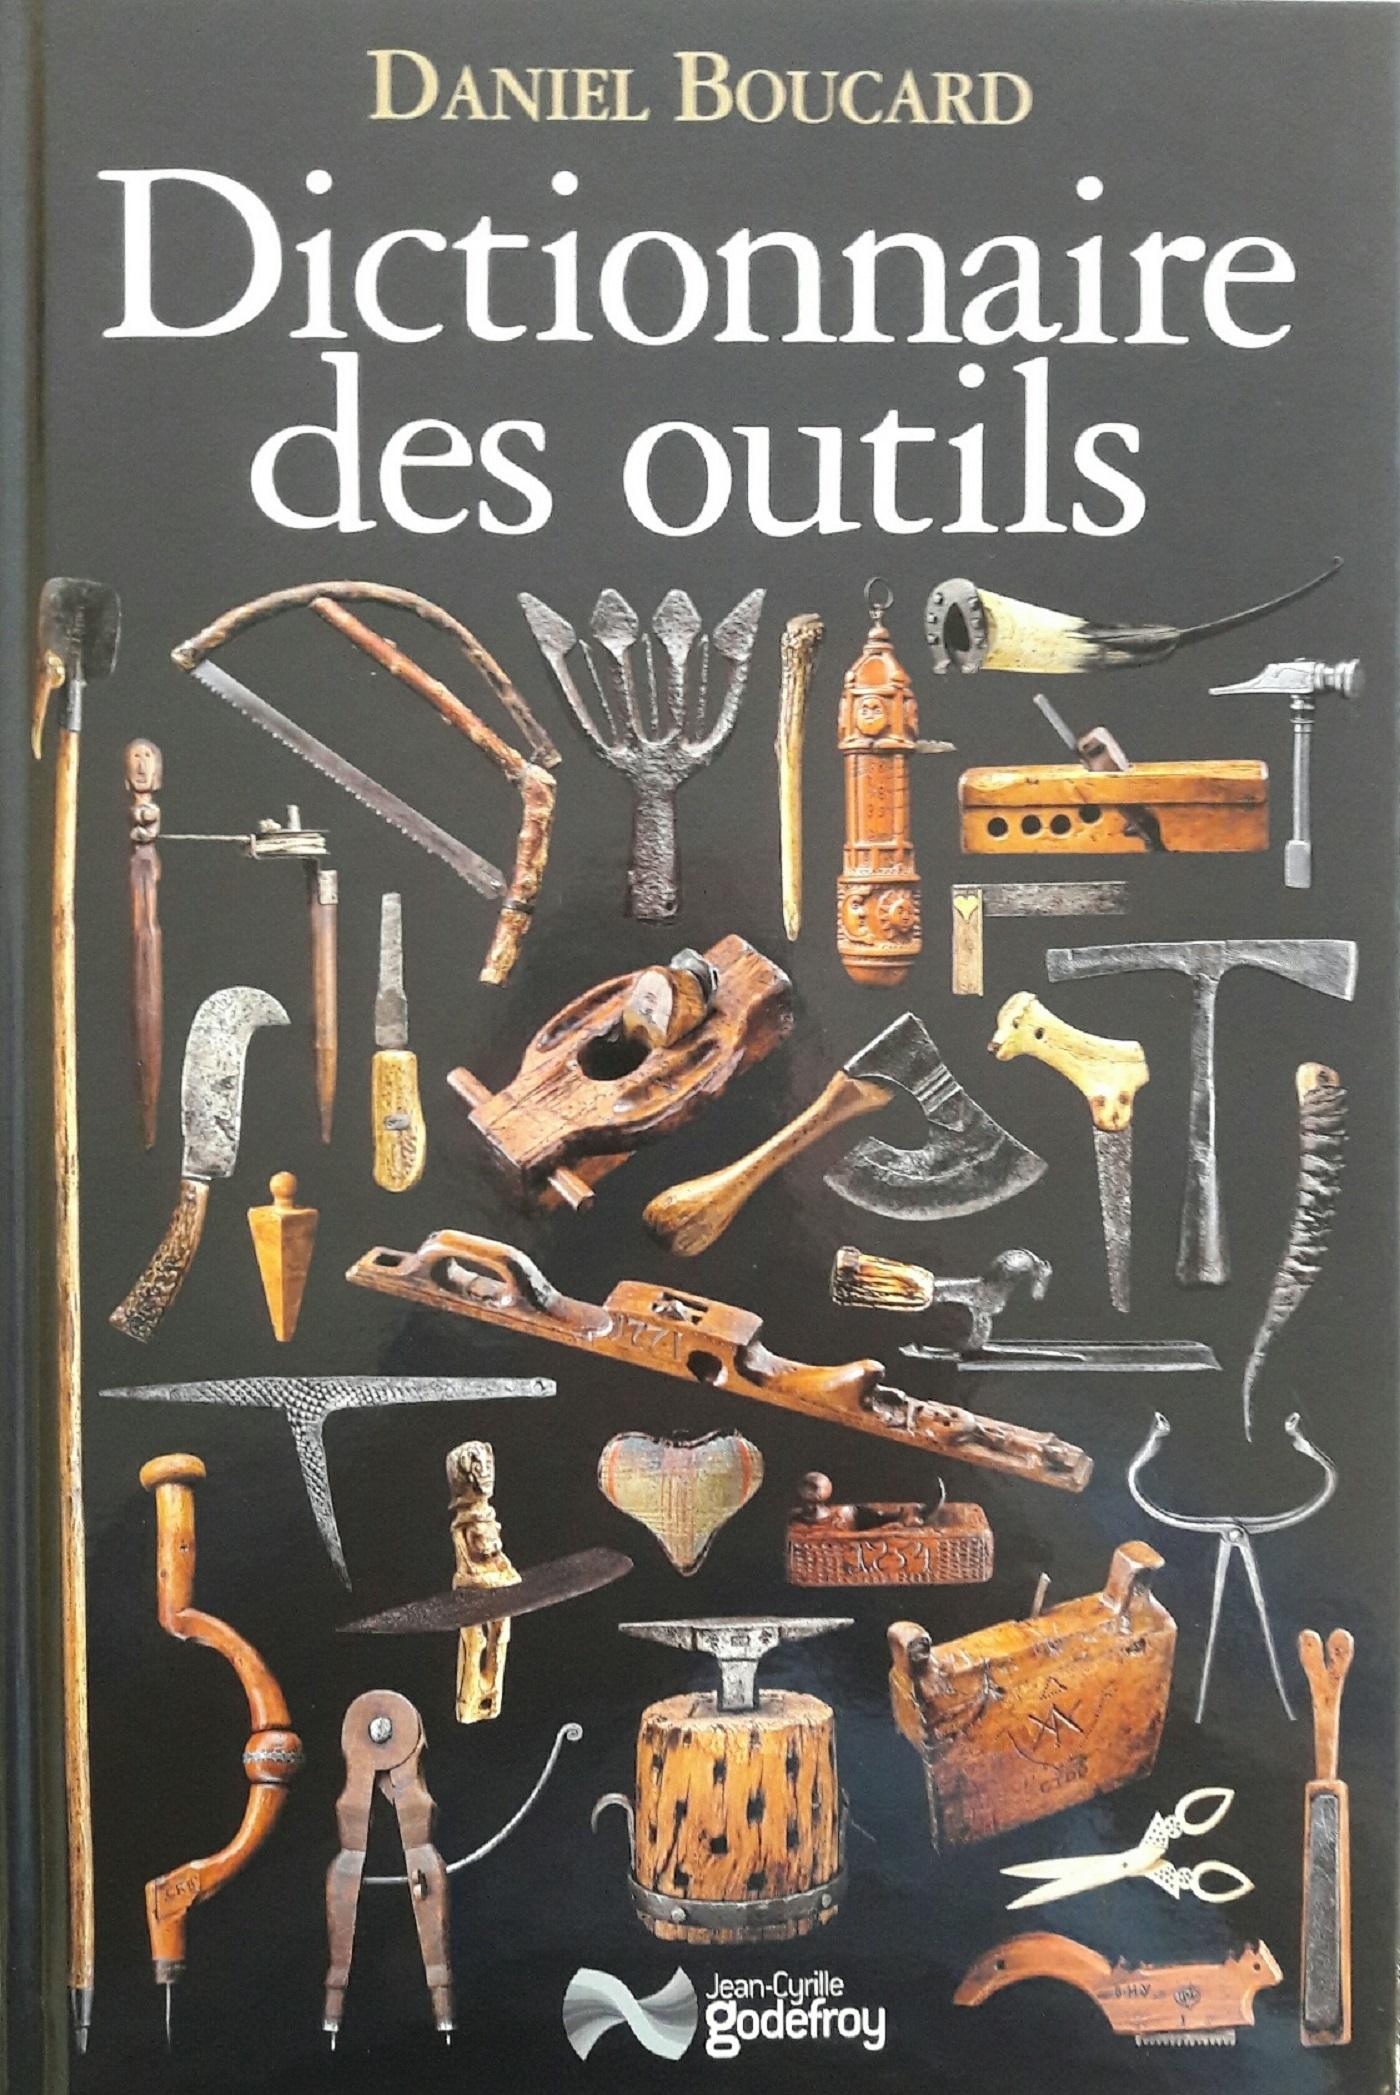 DICTIONNAIRE DES OUTILS